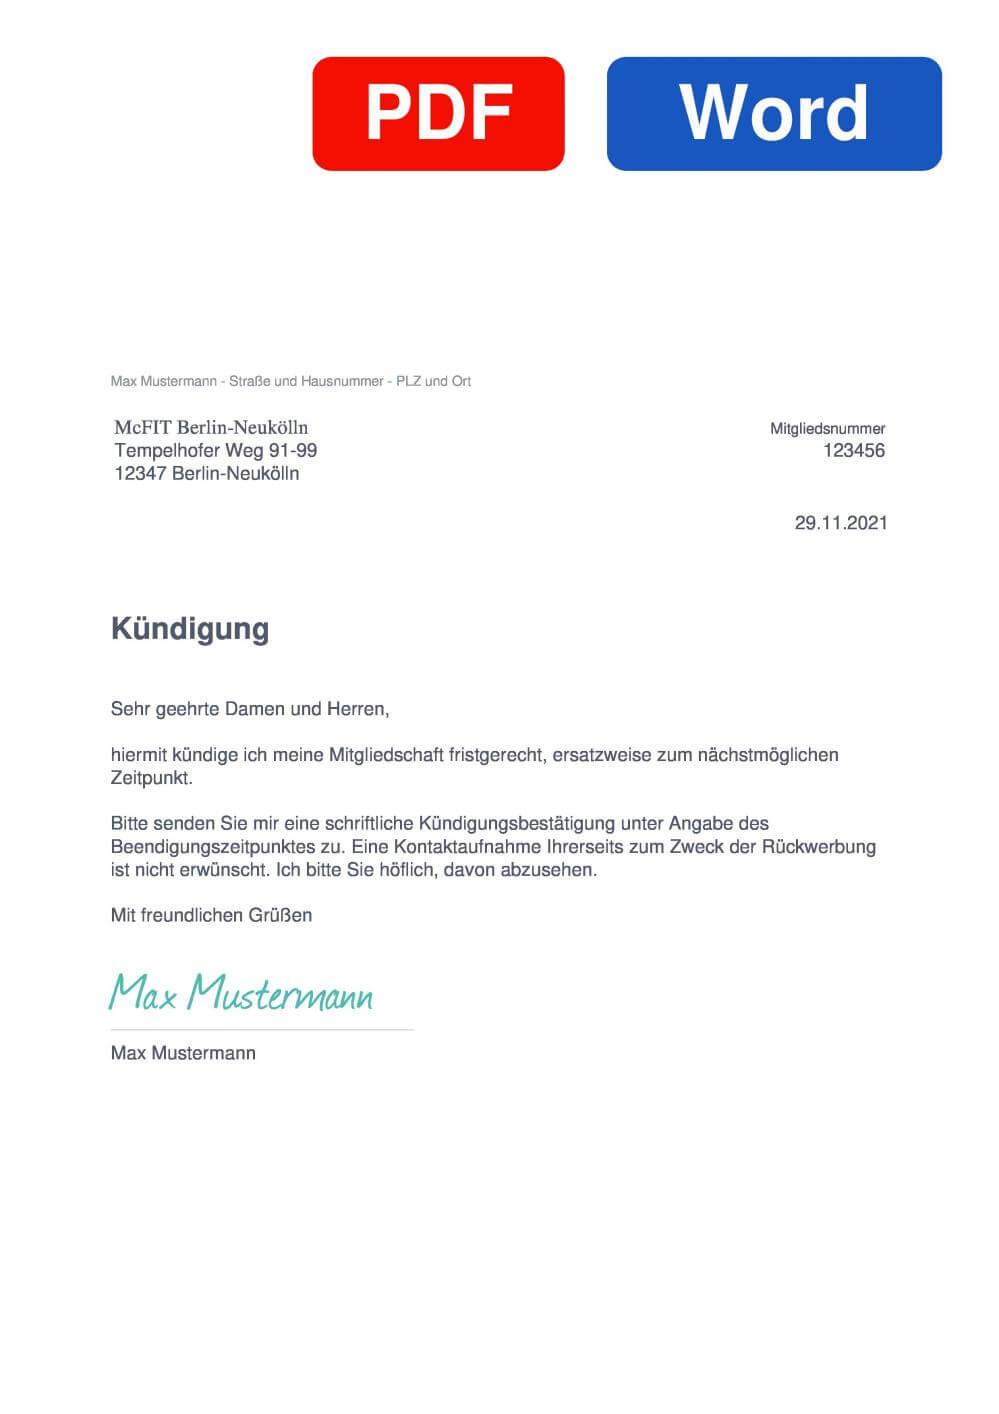 McFIT Berlin-Neukölln Muster Vorlage für Kündigungsschreiben